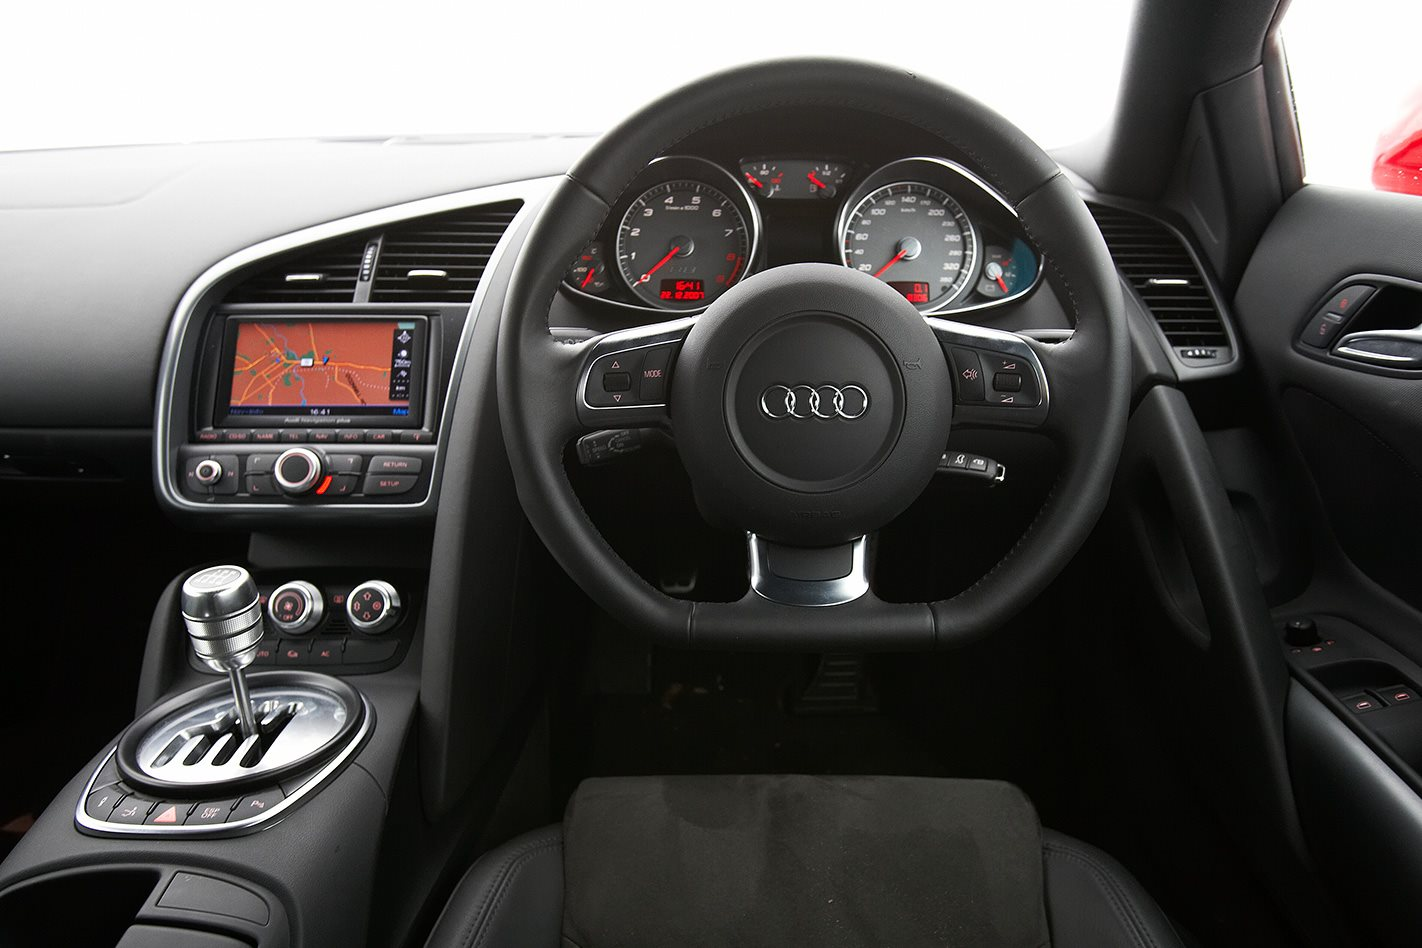 2008 Audi R8 steering wheel